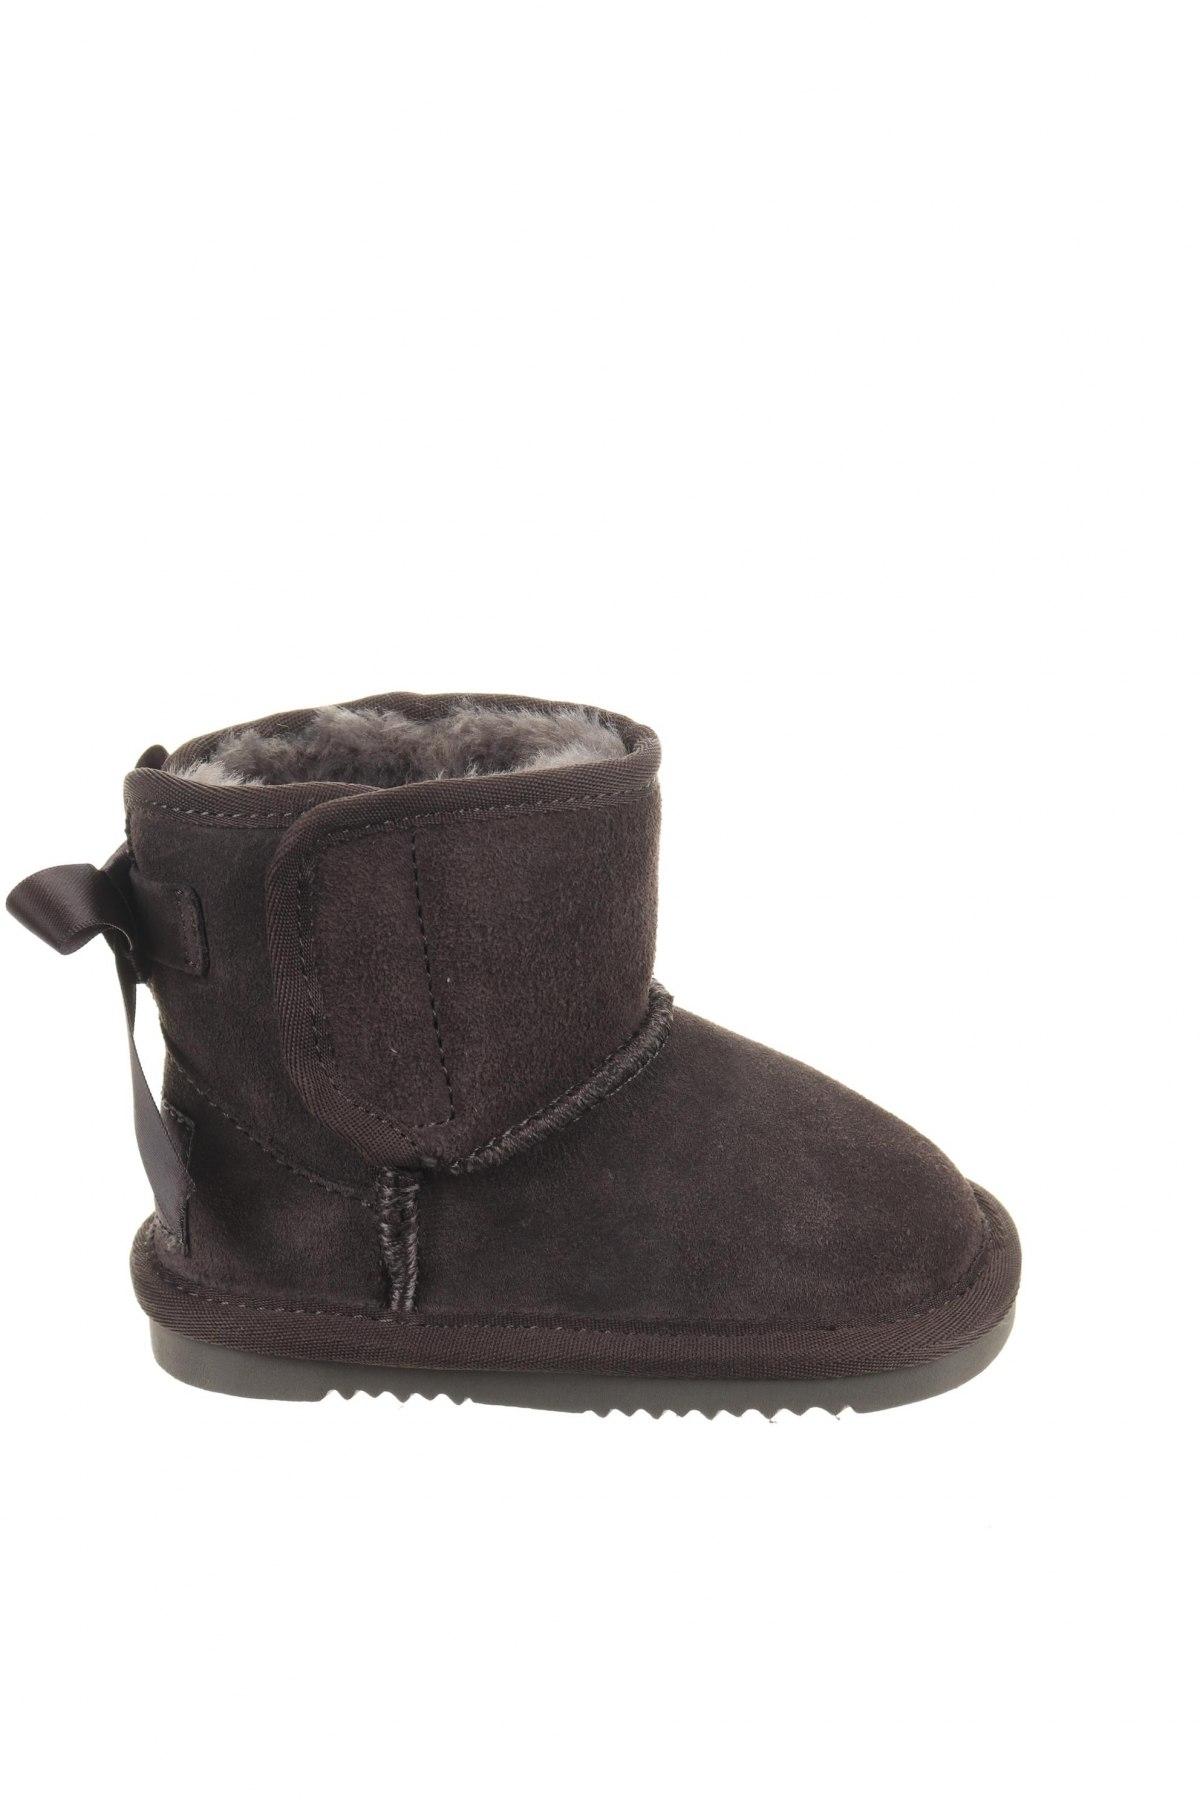 Παιδικά παπούτσια Lelli Kelly, Μέγεθος 23, Χρώμα Γκρί, Φυσικό σουέτ, Τιμή 31,92€